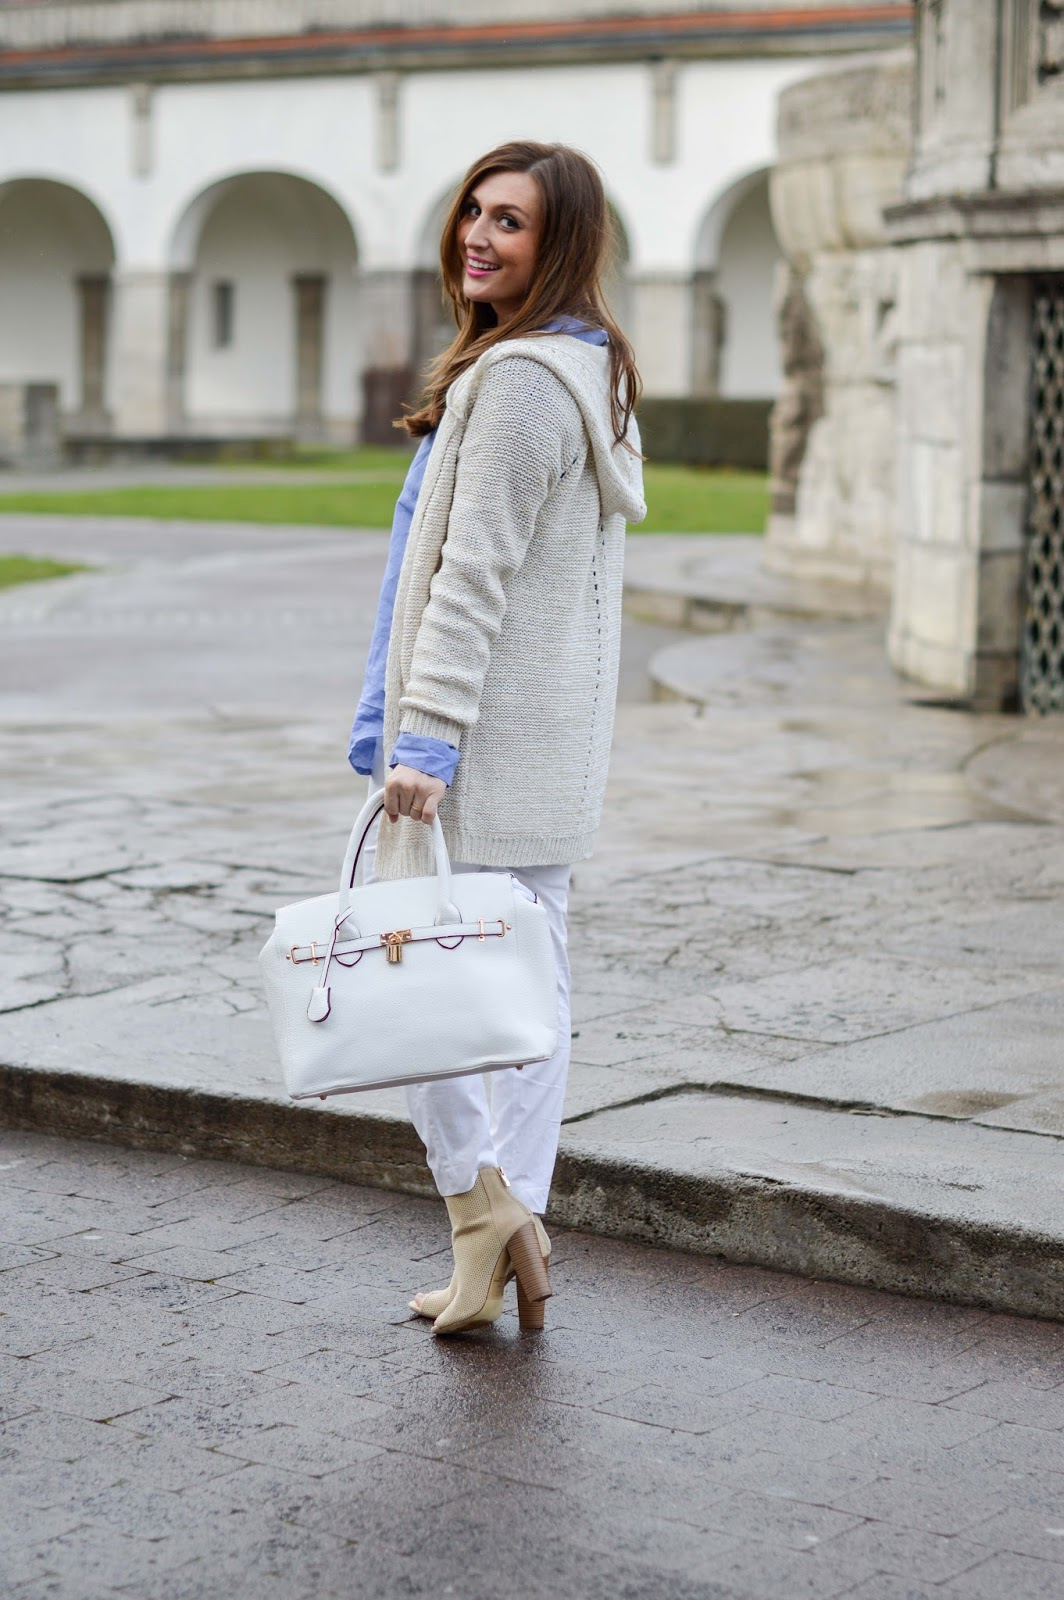 weiße Tasche kombinieren - xxl Bluse - blaue Bluse - Fashionblgger aus Deutschland - German Fashionblogger